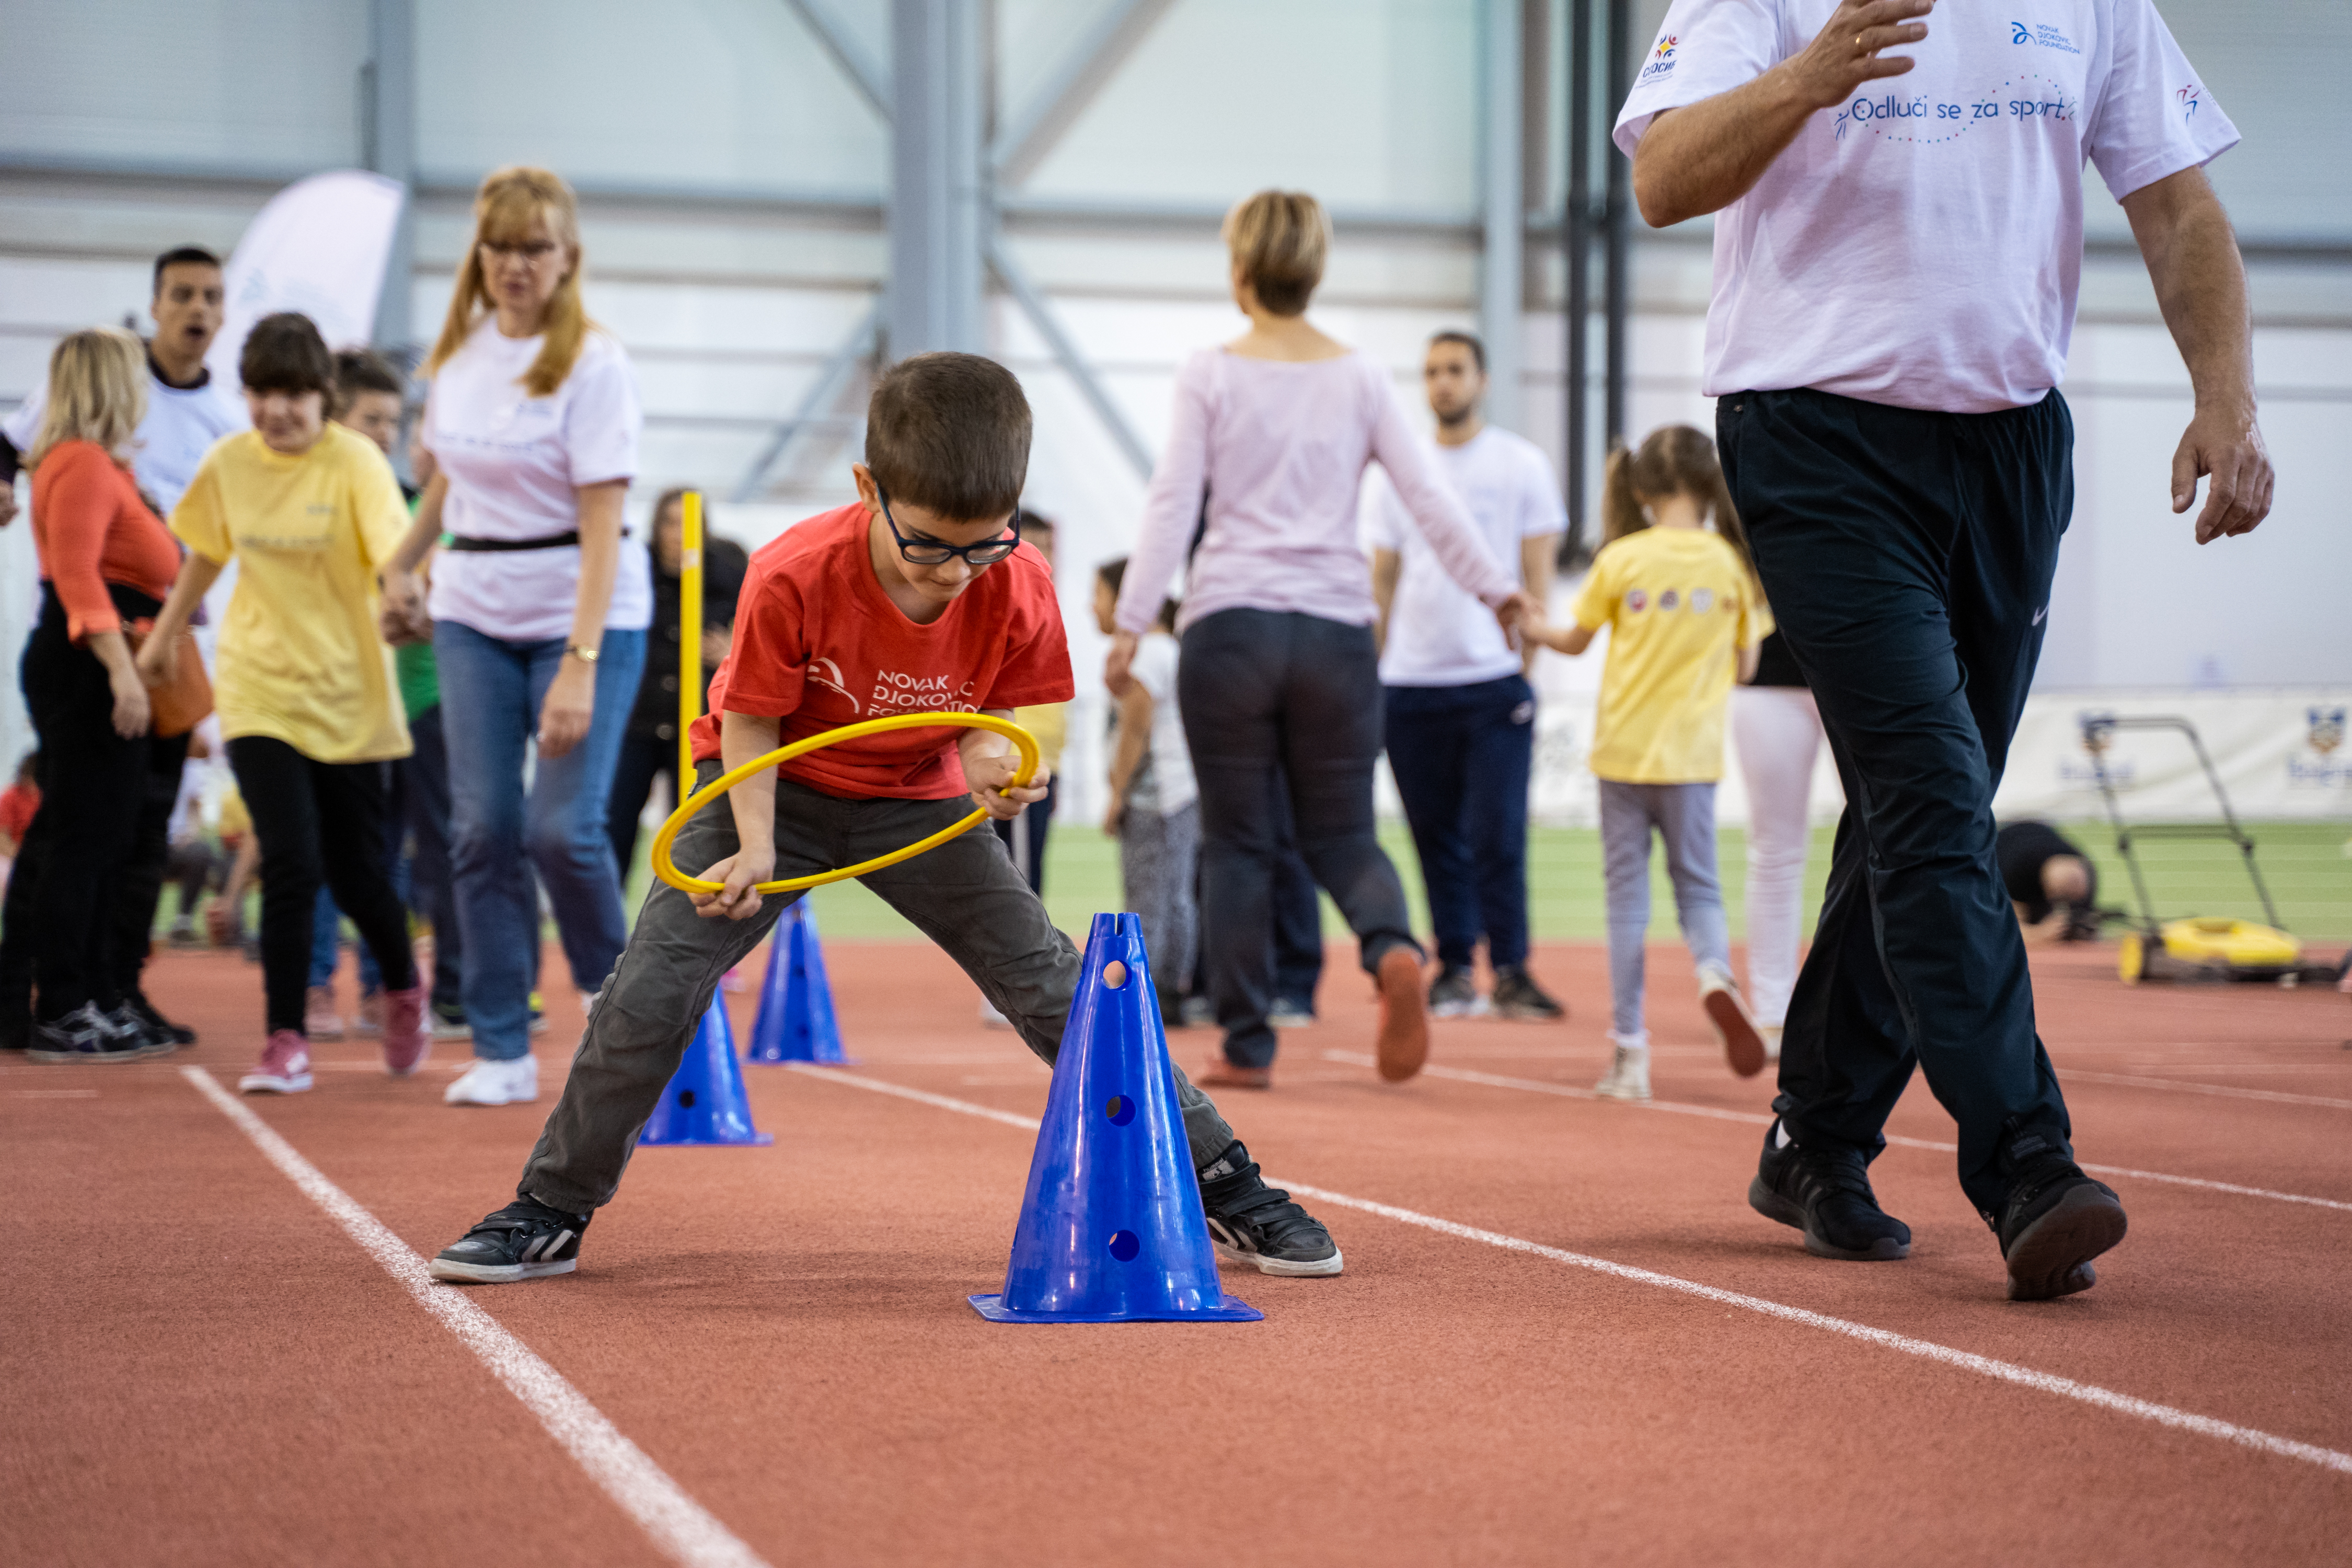 Pored ukazivanja na značaj bavljenja sportom i fizičkom aktivnošću, ideja ovog okupljanja bila je i da mališani nauče kako da budu deo tima, kako da pobede i poštuju protivnika.